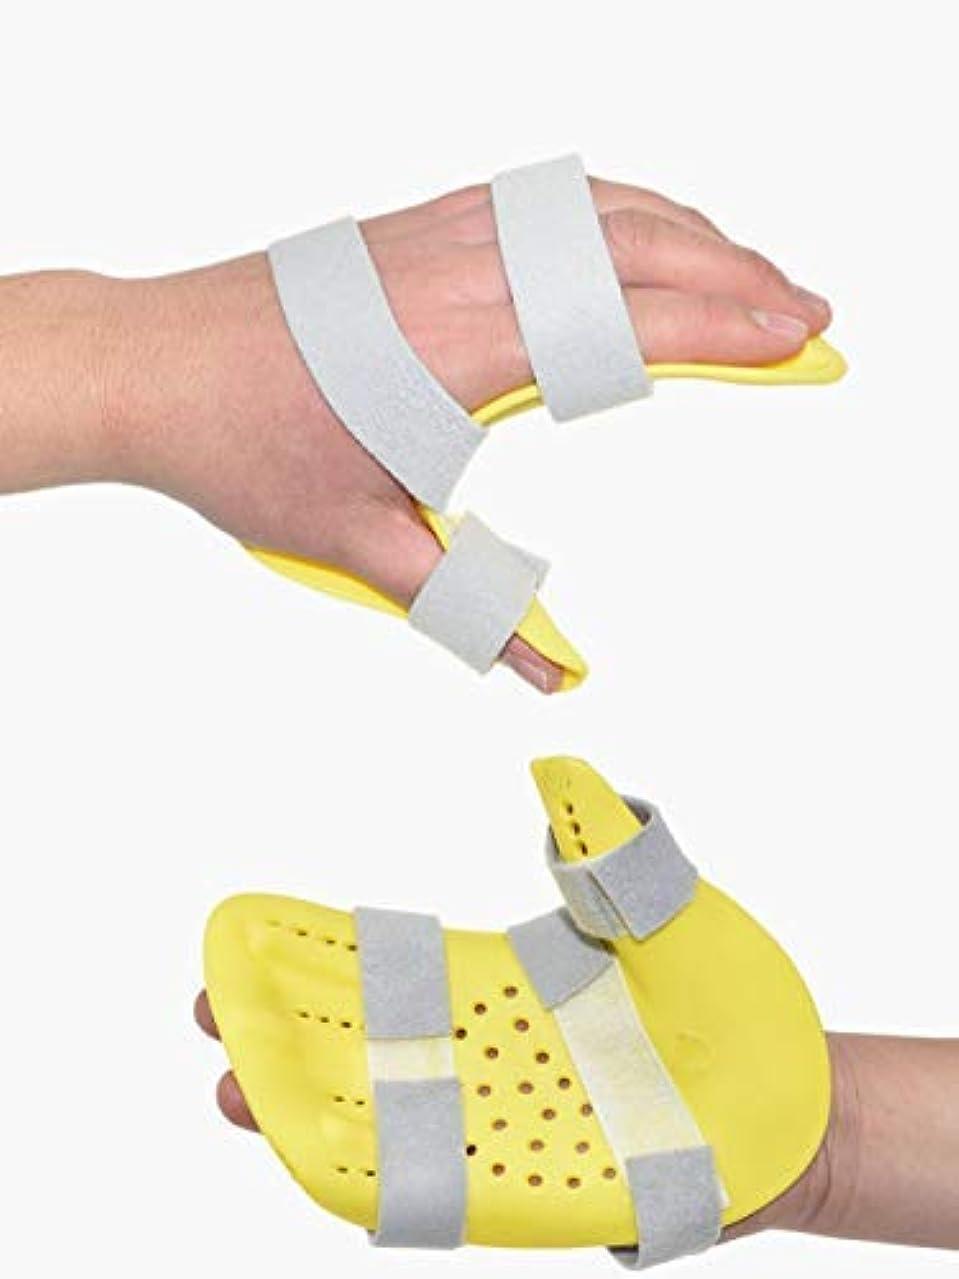 凍る規範おもてなし研修会スプリント指、指装具、脳卒中片麻痺リハビリ機器医療の手の手首のトレーニング装具を指 (Left)